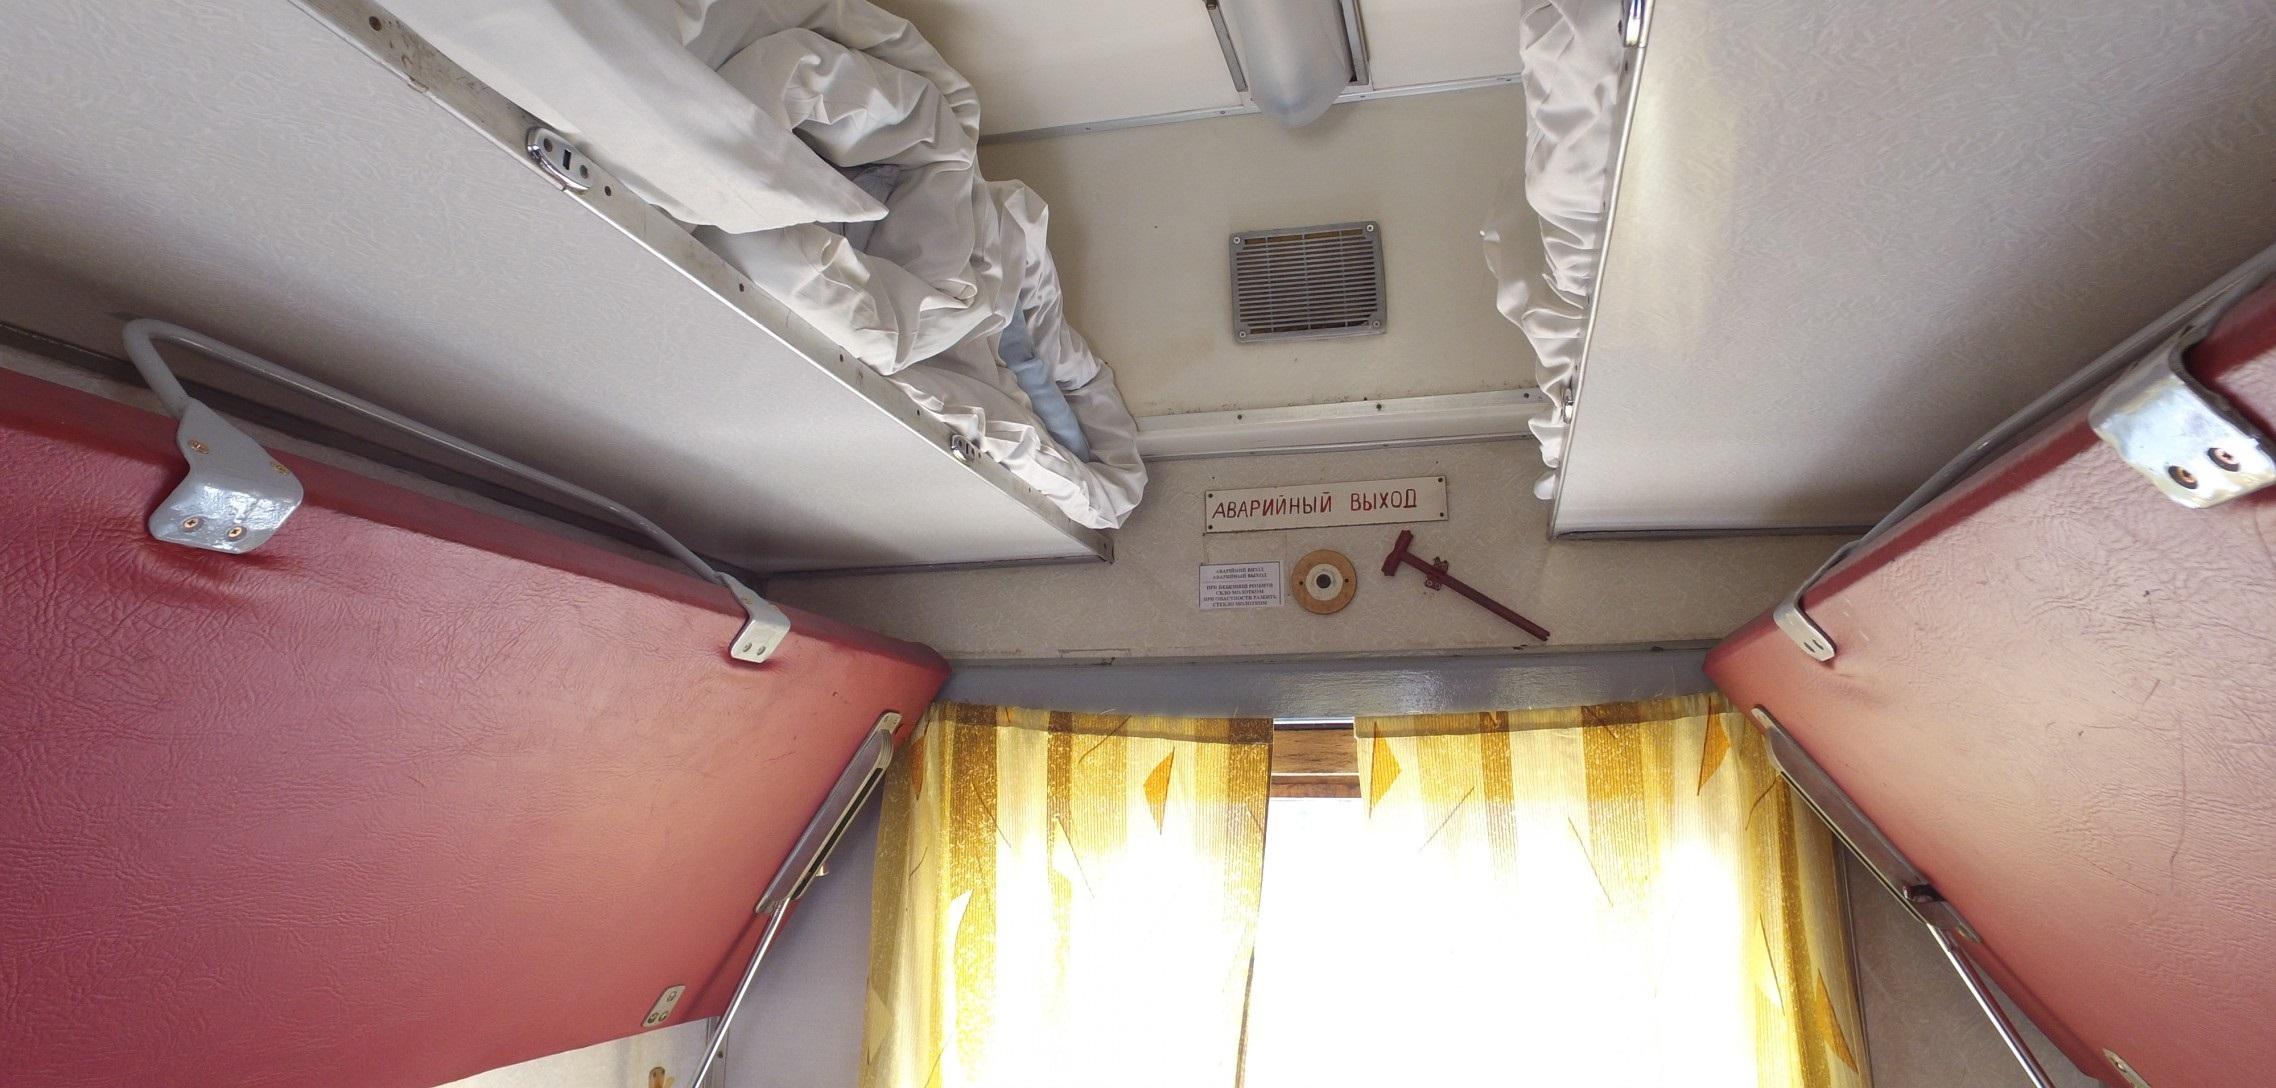 Аварийные окна в плацкартном вагоне схема